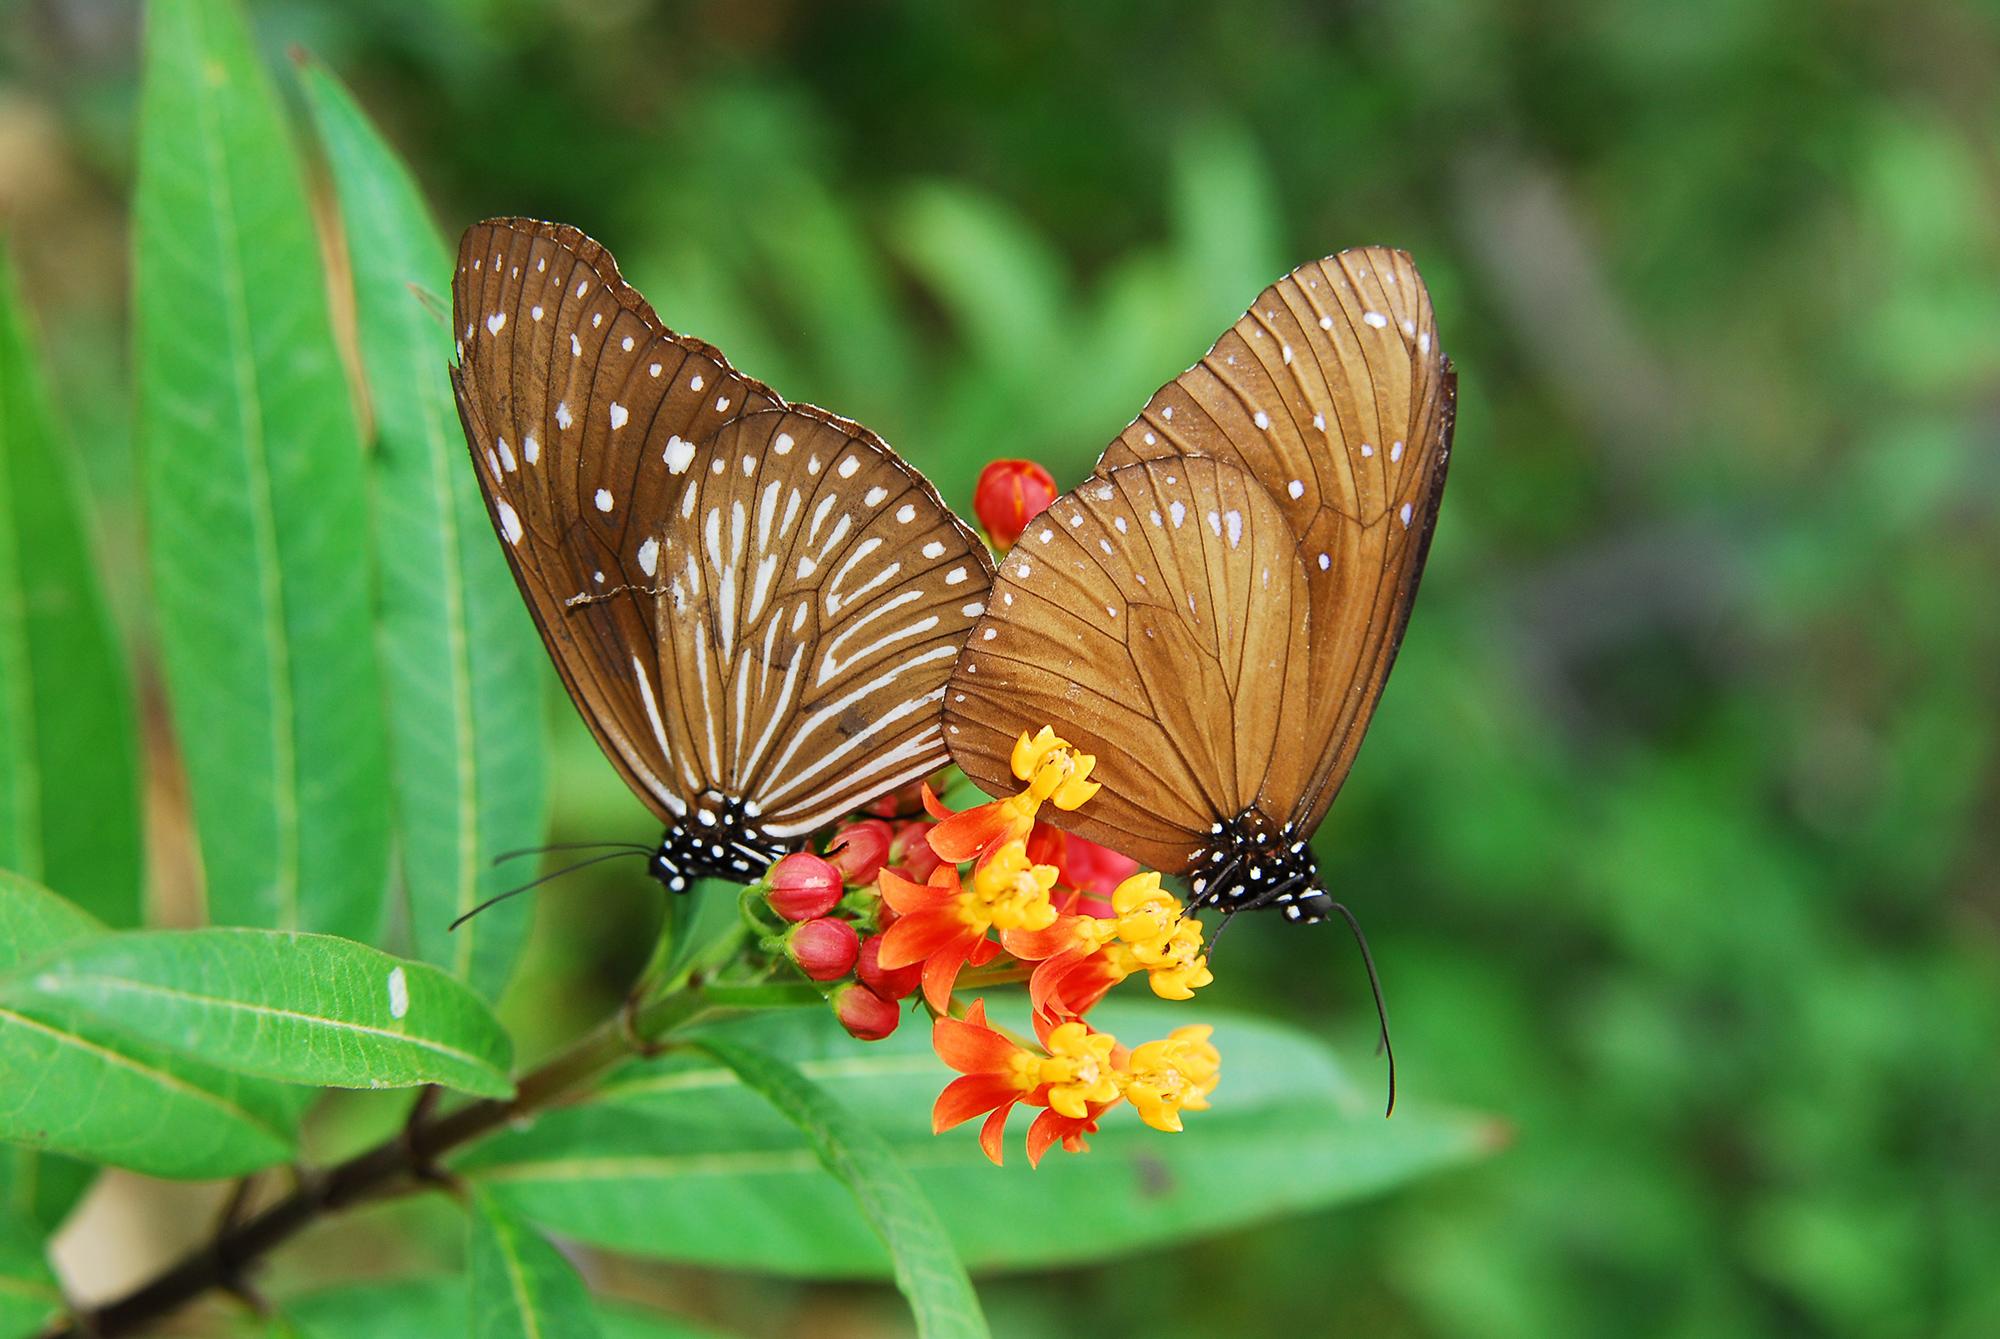 Hai cánh bướm nâu rất đẹp